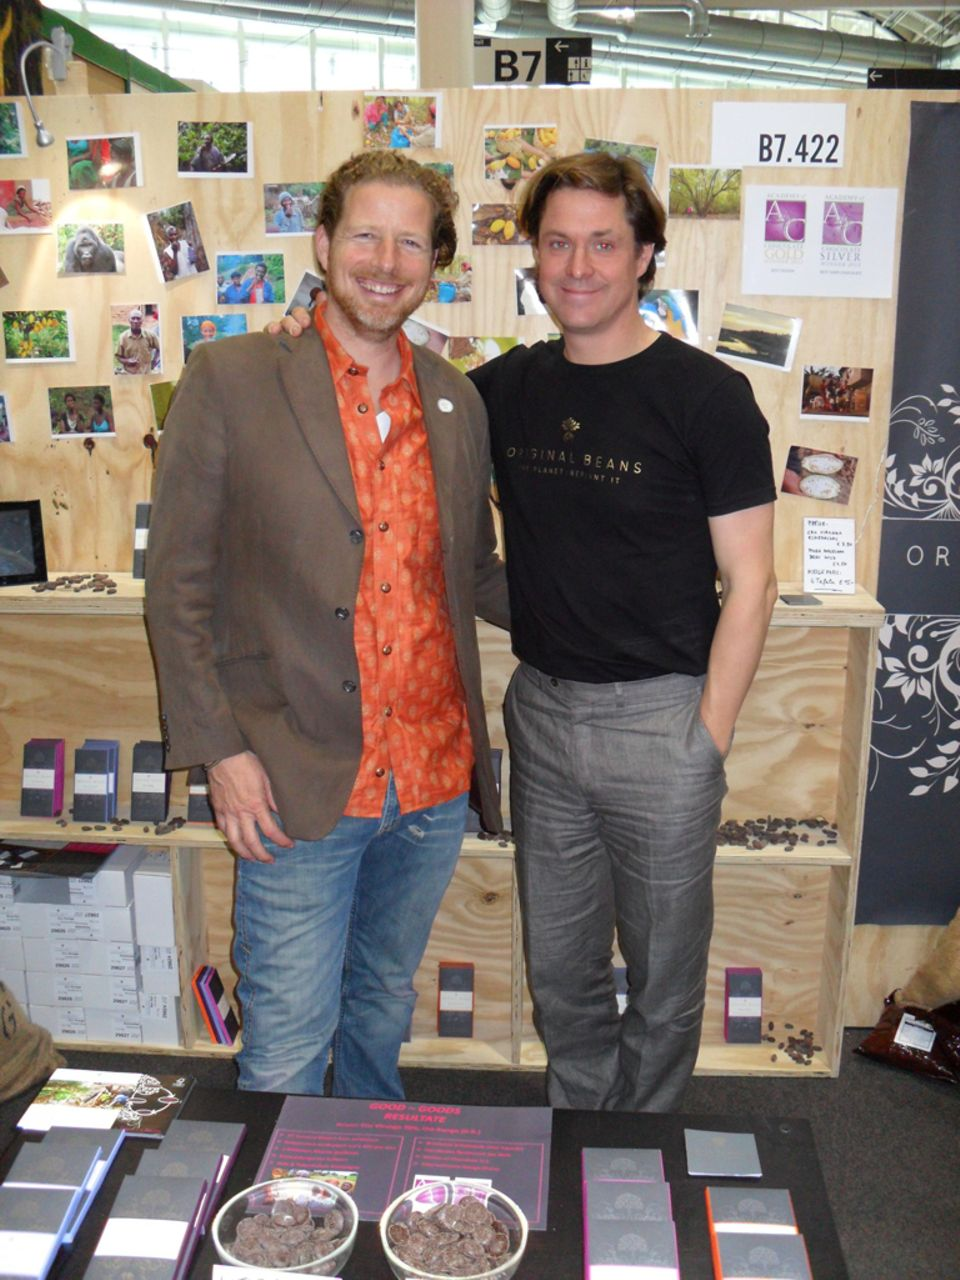 Harald Sorst und Philipp Kauffmann von Original Beans